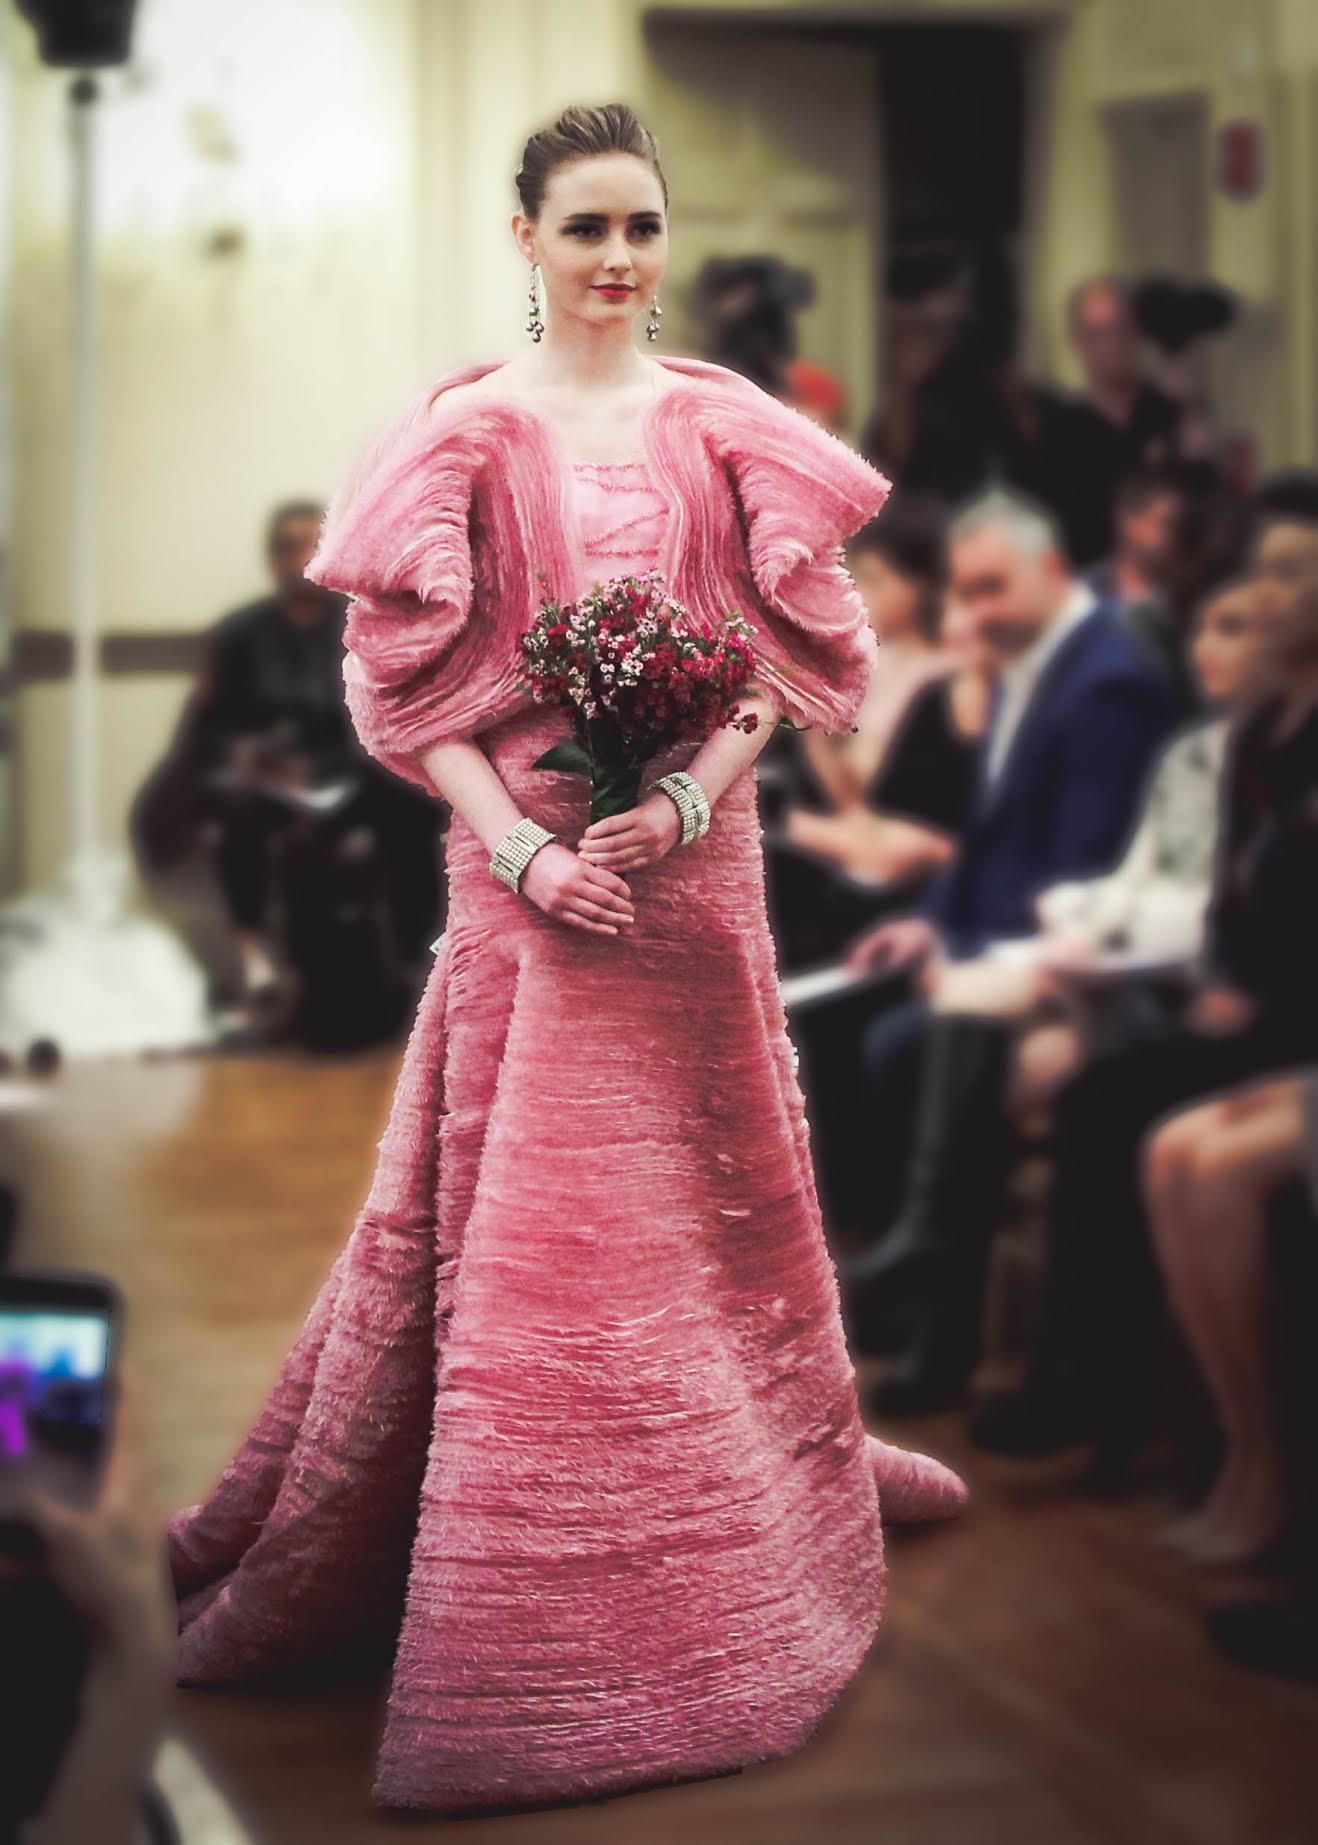 wedding+gown+photos+midtown+manhattan.jpg